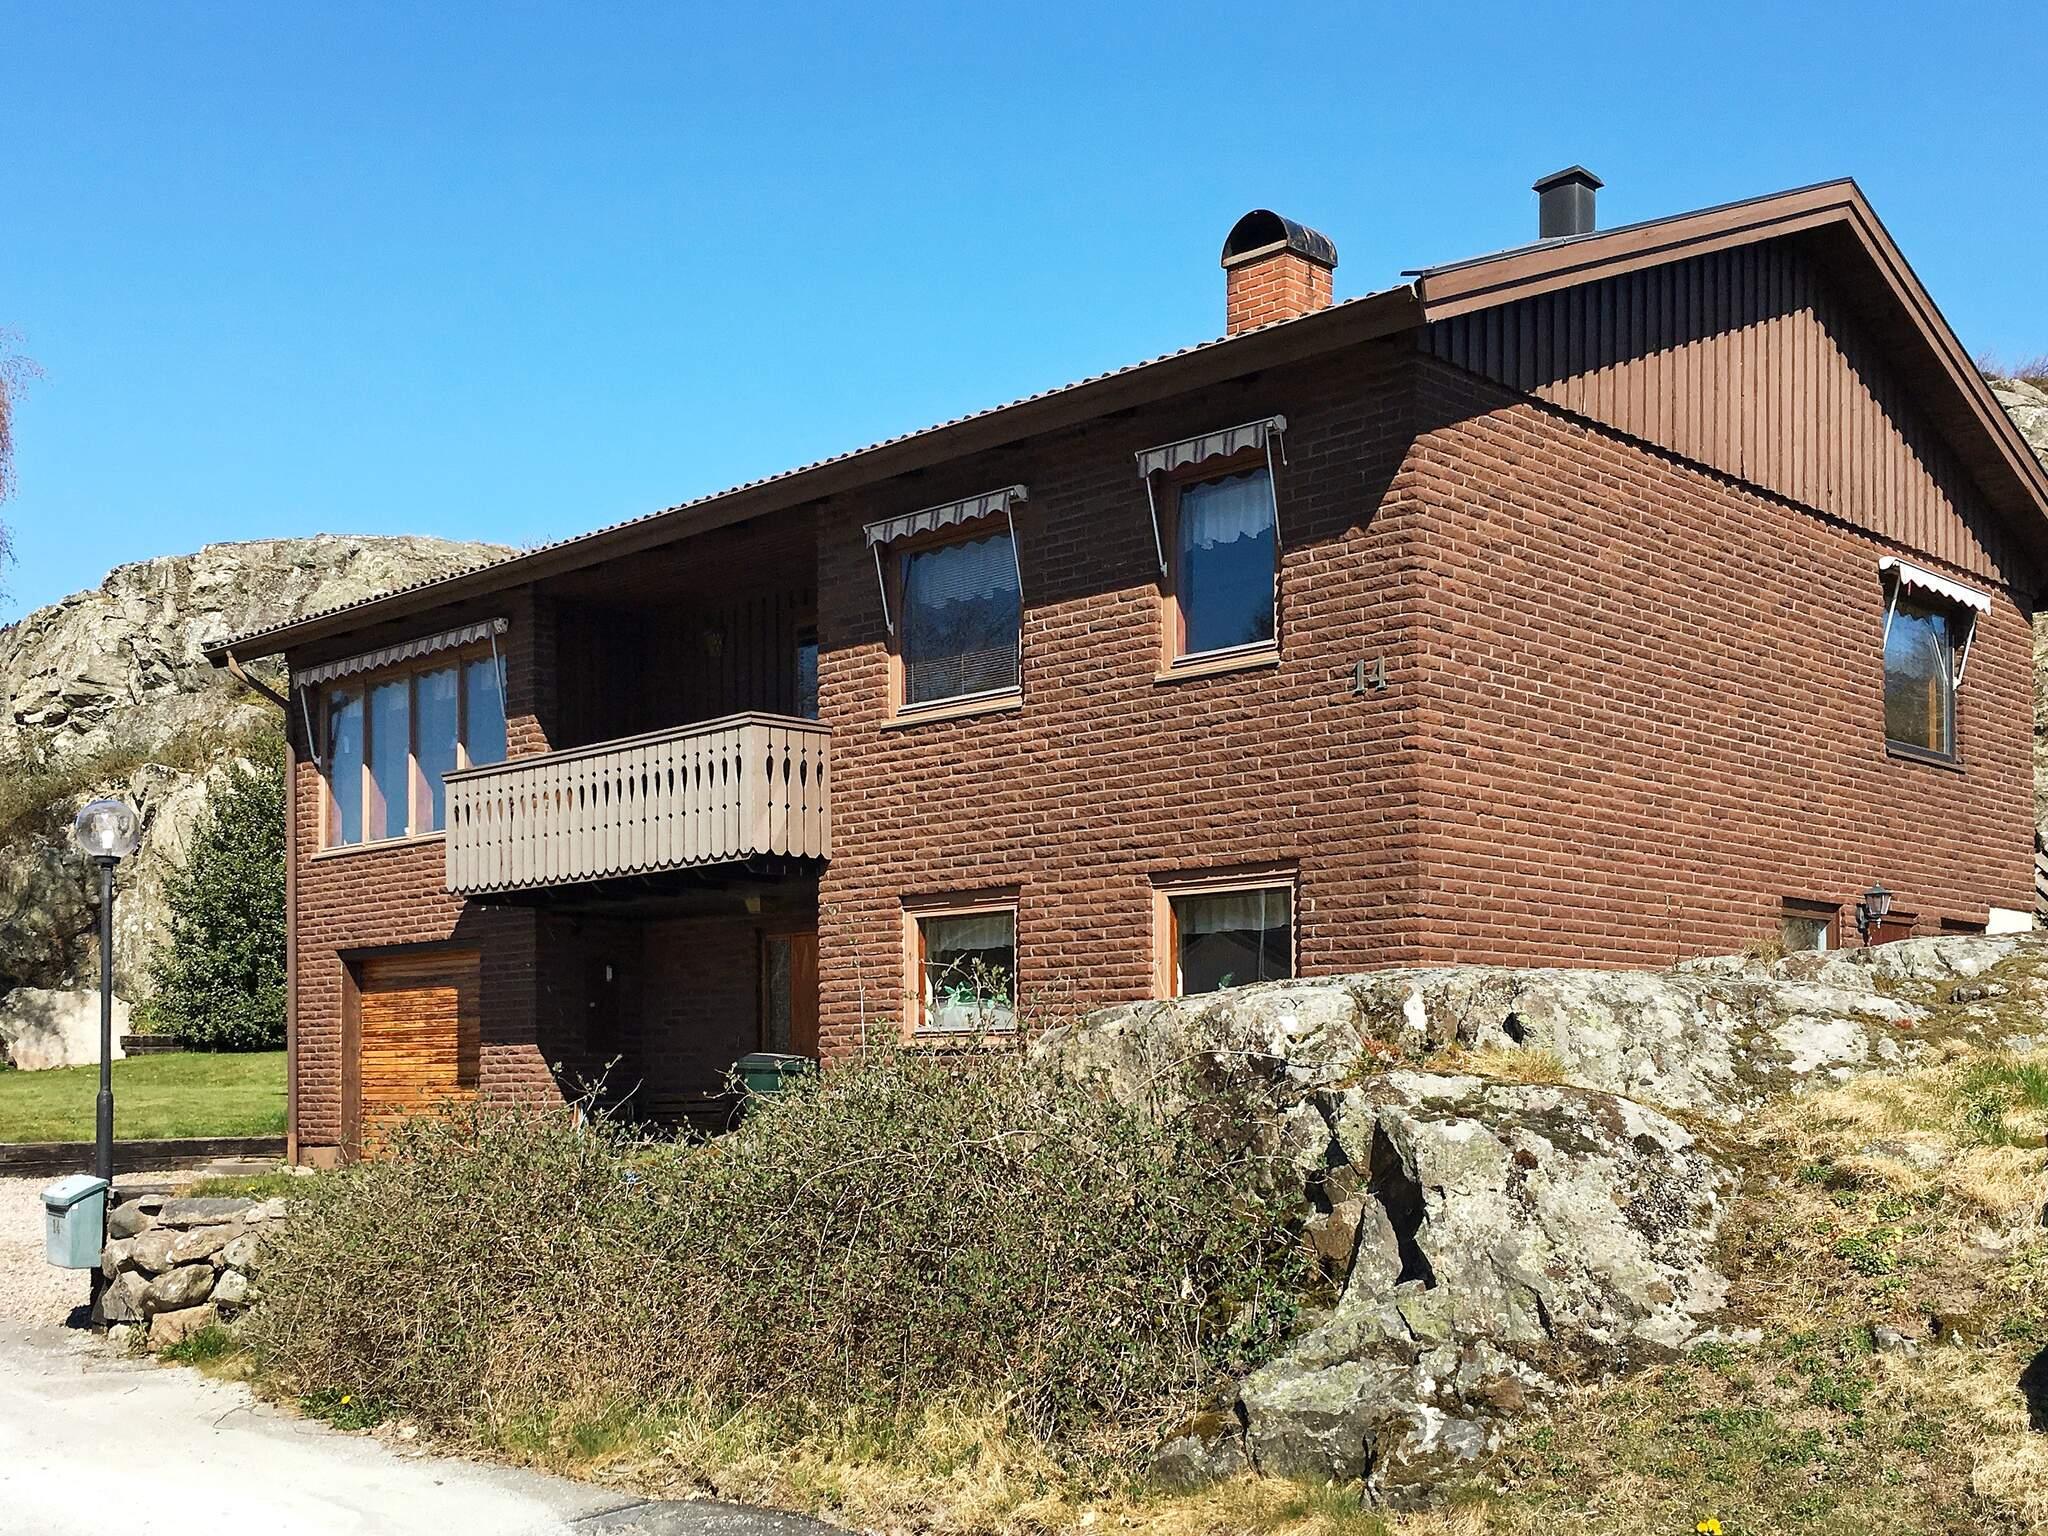 Ferienhaus Tjörn/Rönnäng (2611474), Rönnäng, Tjörn, Westschweden, Schweden, Bild 1